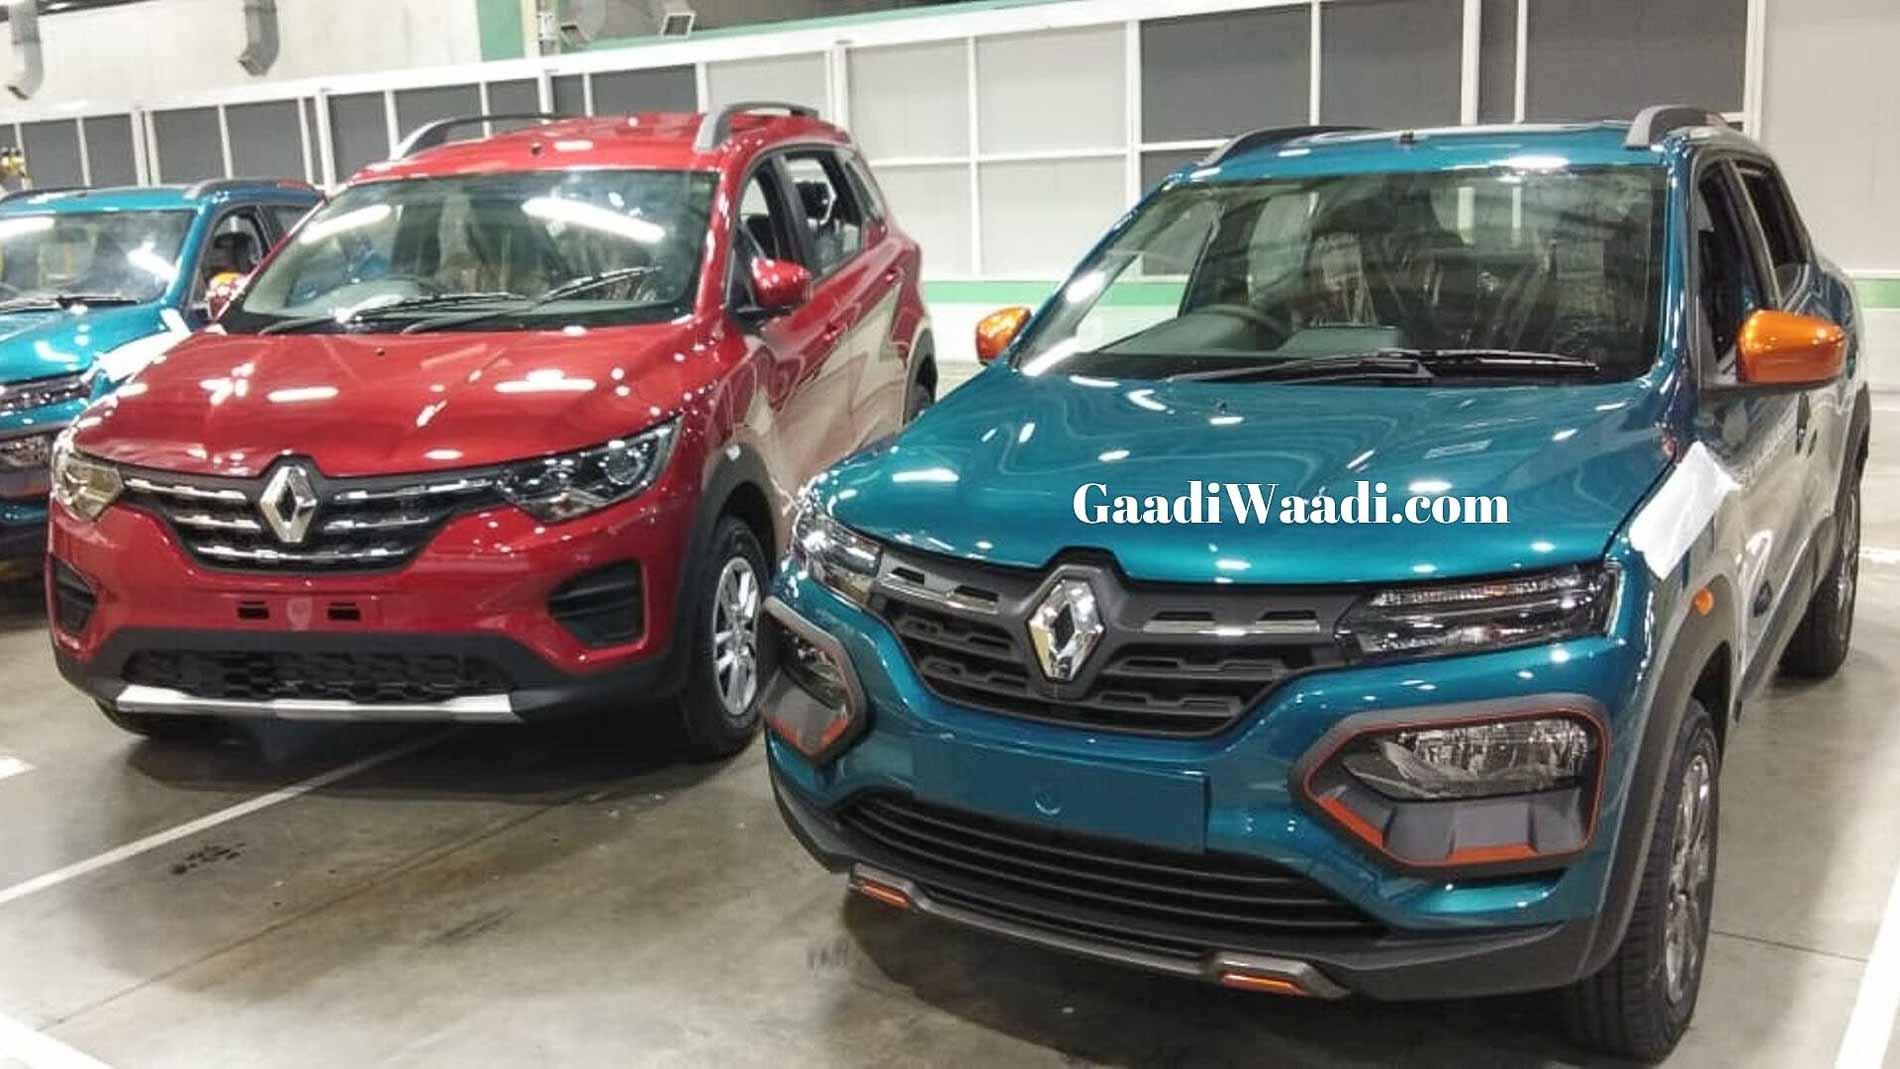 Petrol Car Sales In 2019 - Renault On Top Ahead Of Honda And Maruti - GaadiWaadi.com thumbnail